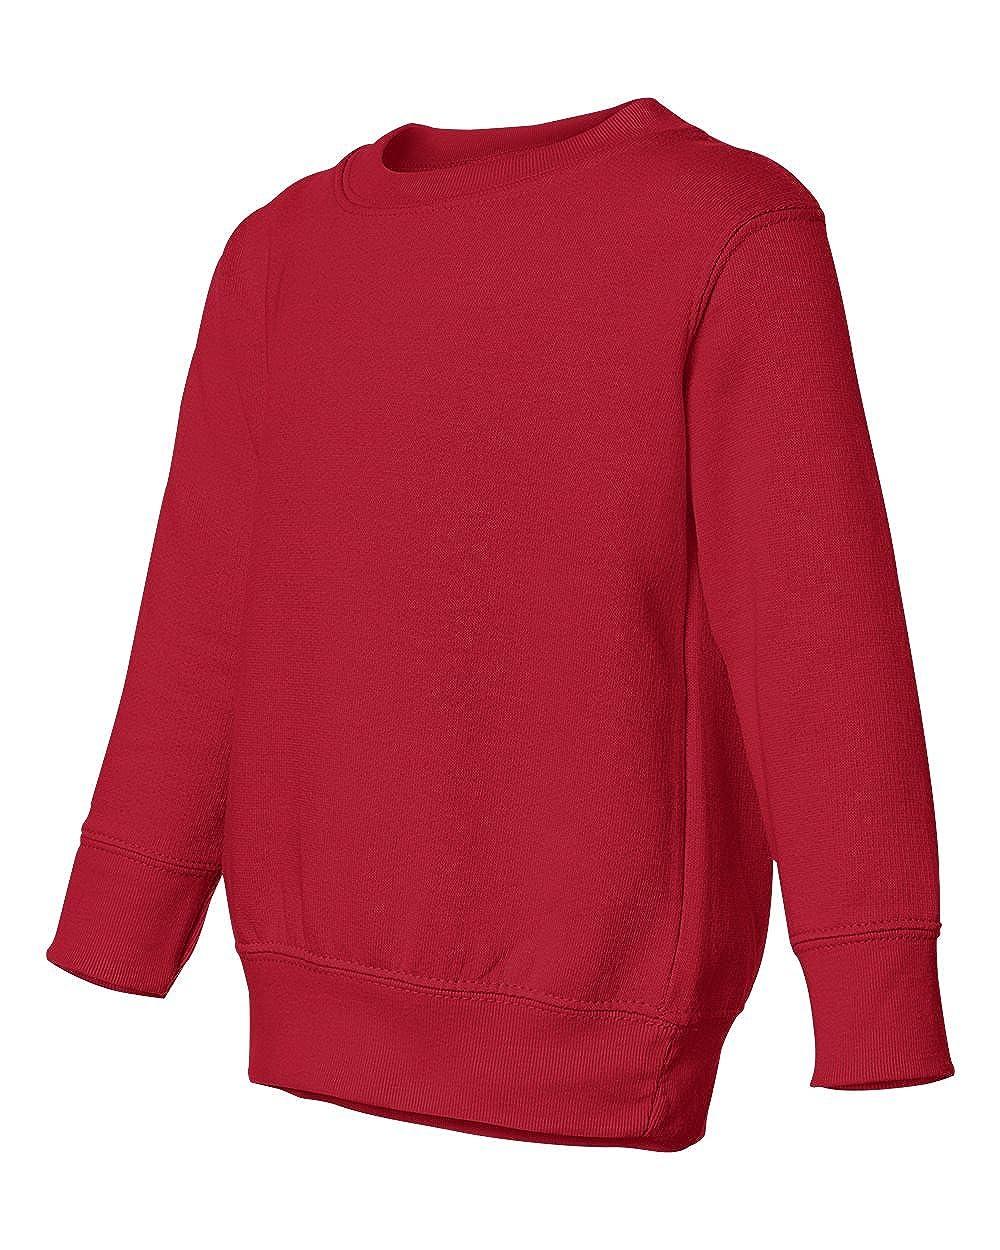 RED 5//6 Clementine Toddler Fleece Sweatshirt 3317